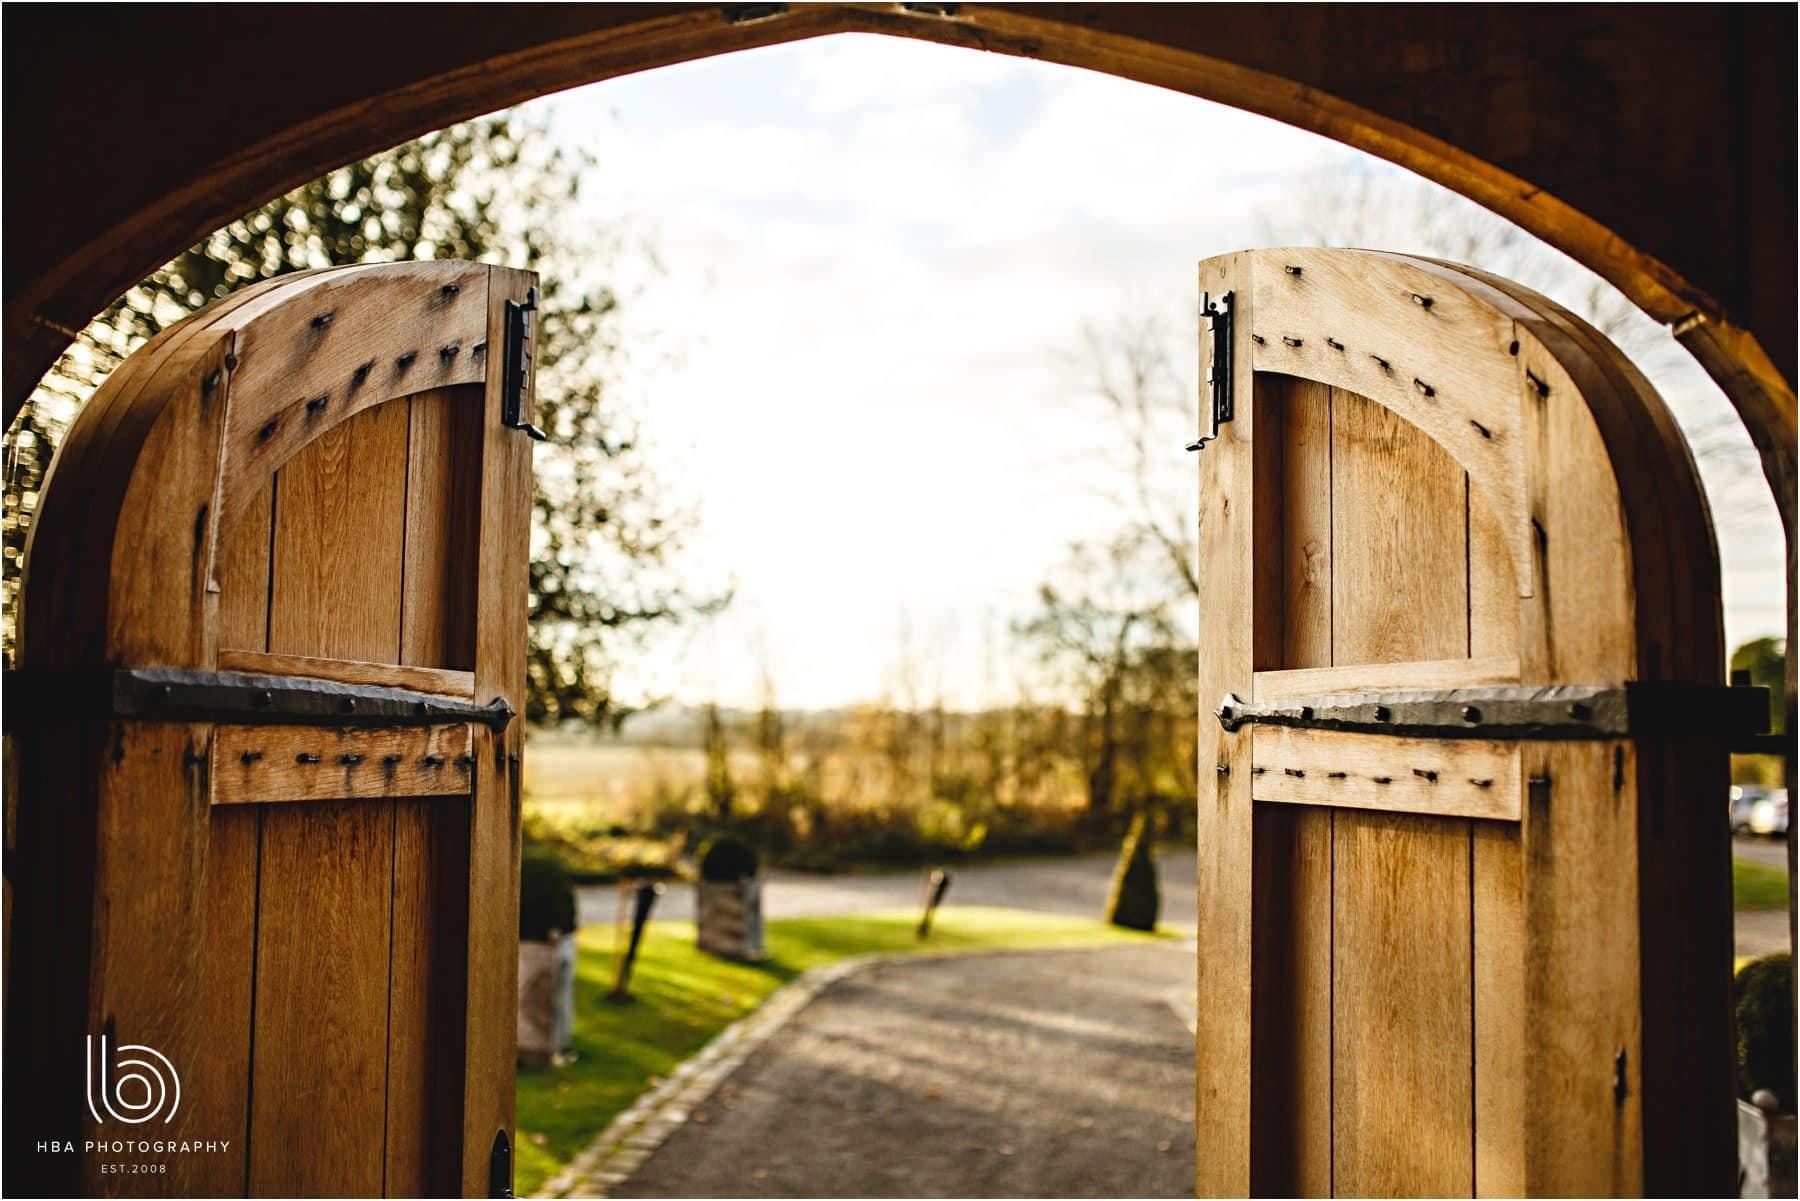 the doors at Shustoke farm Barns